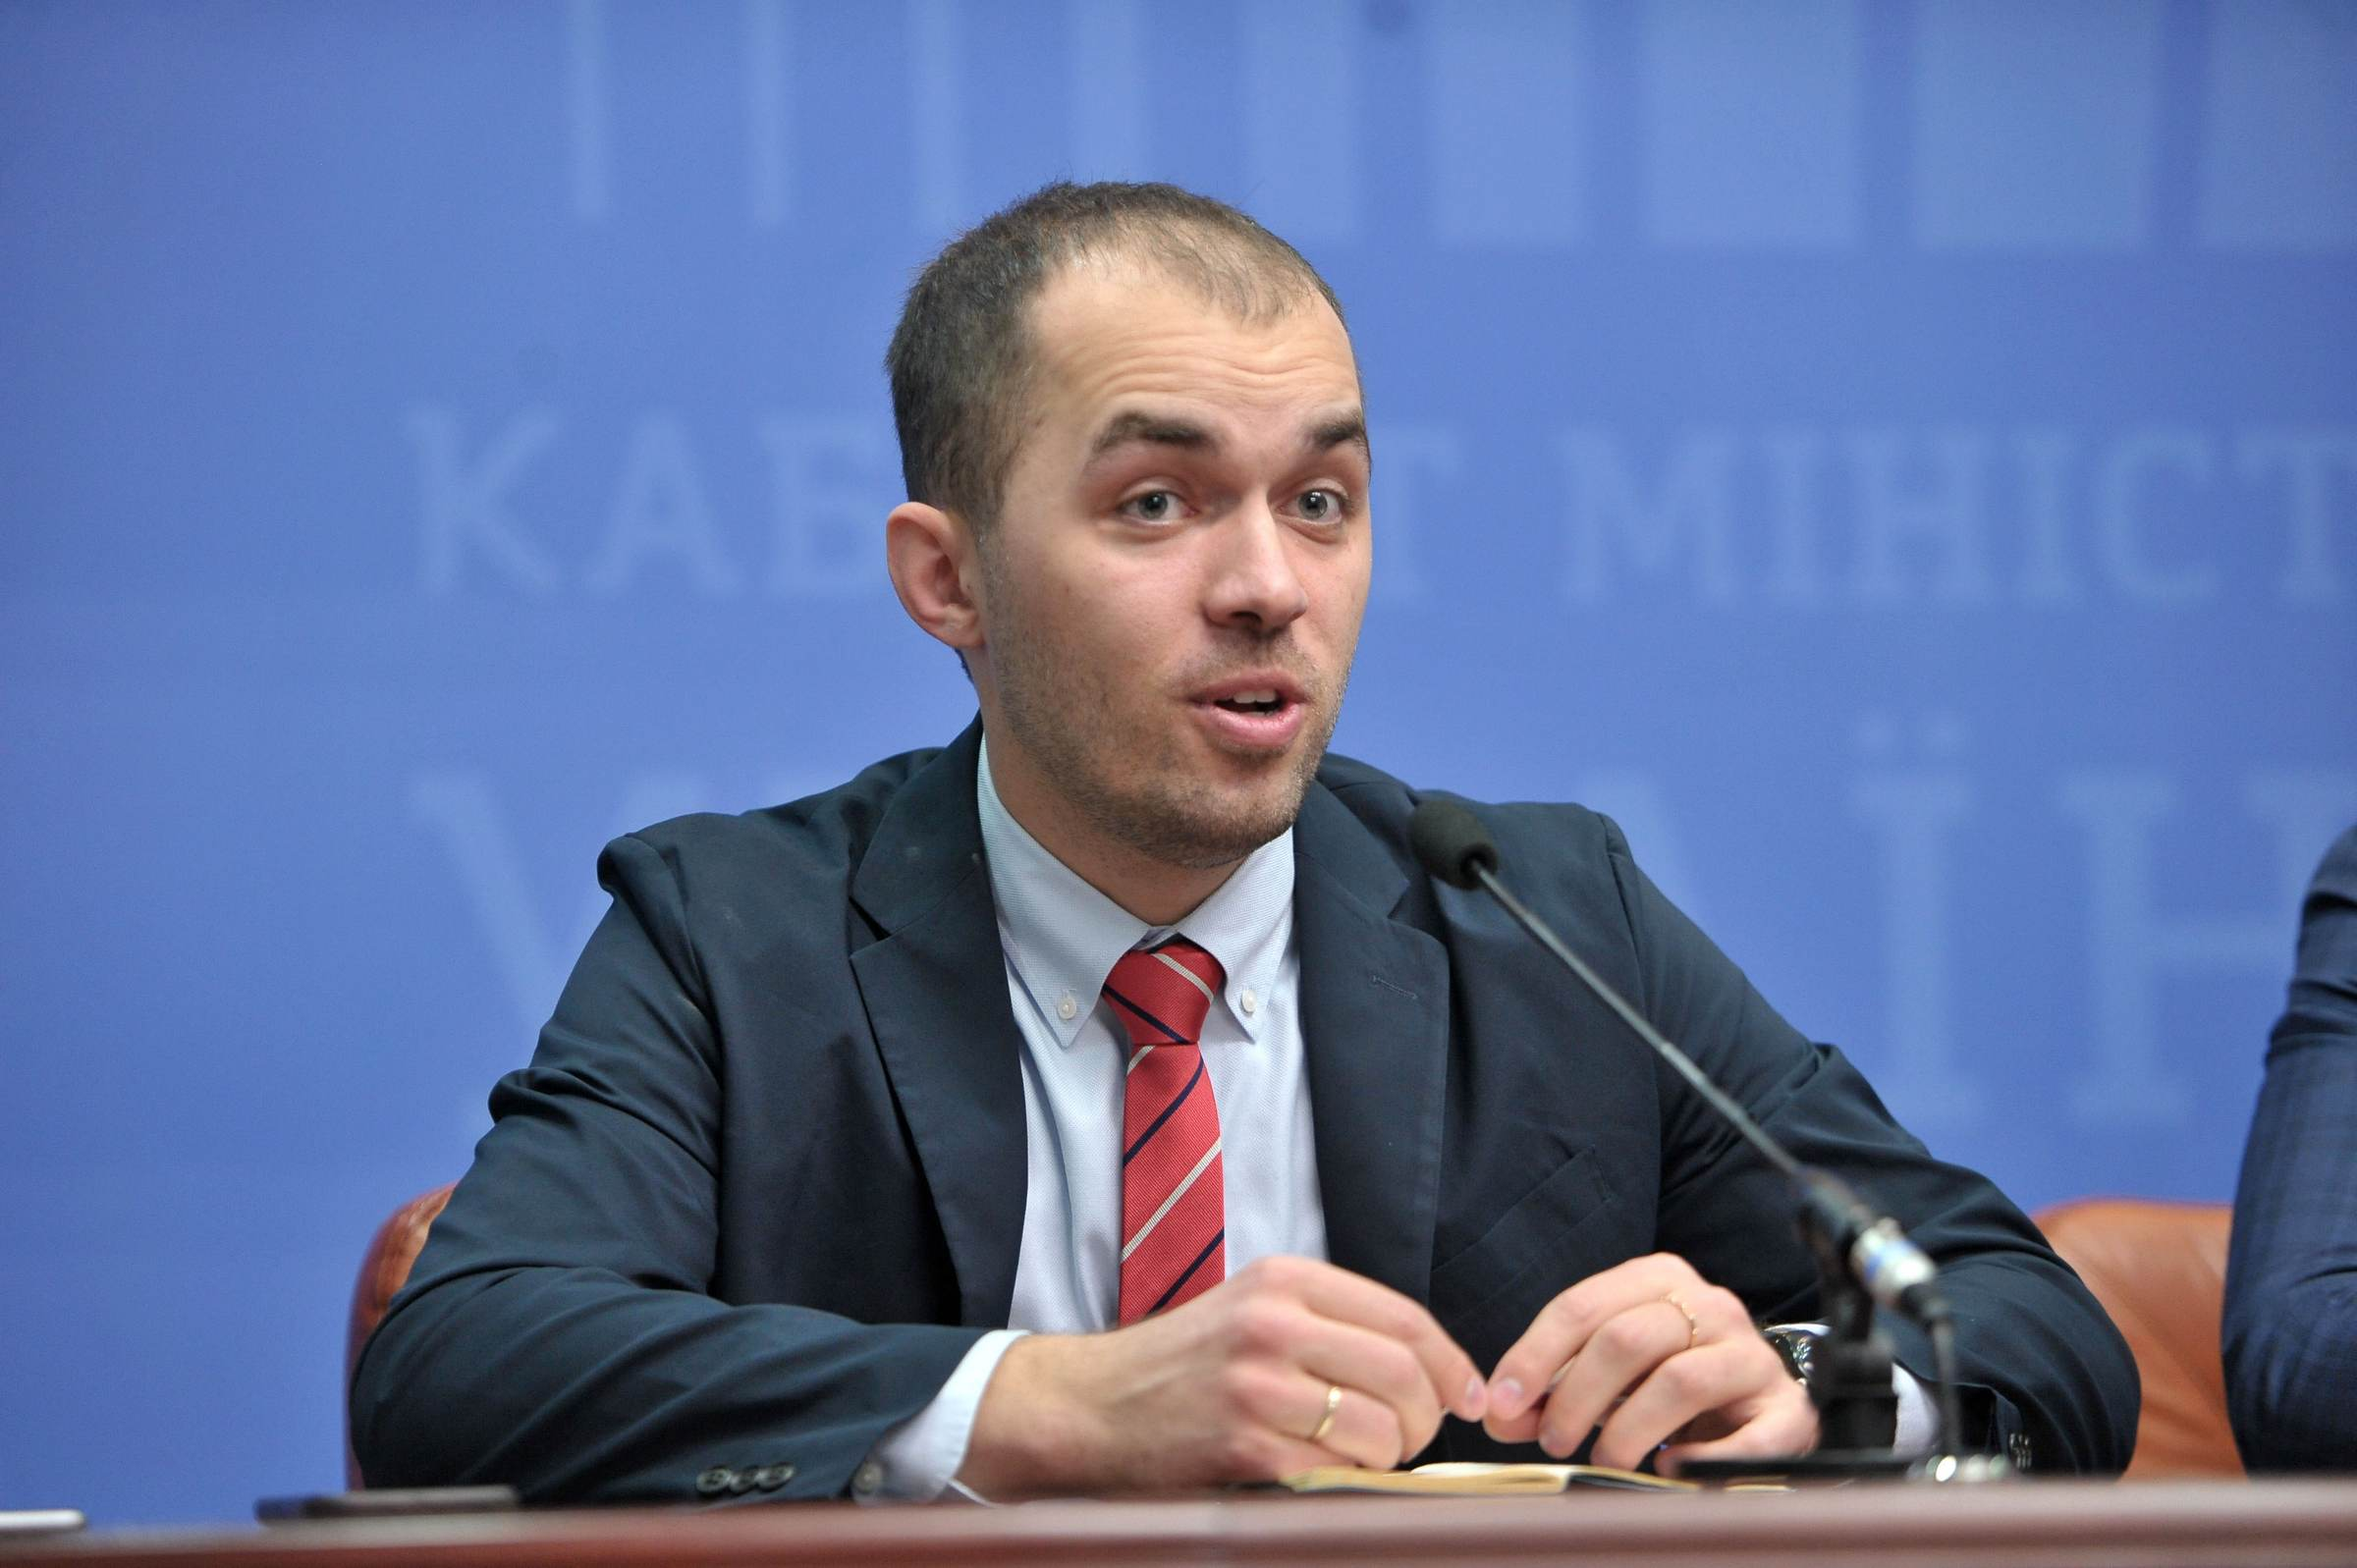 Володимир Бондаренко: Молодь потрібно максимально залучати до процесу державотворення